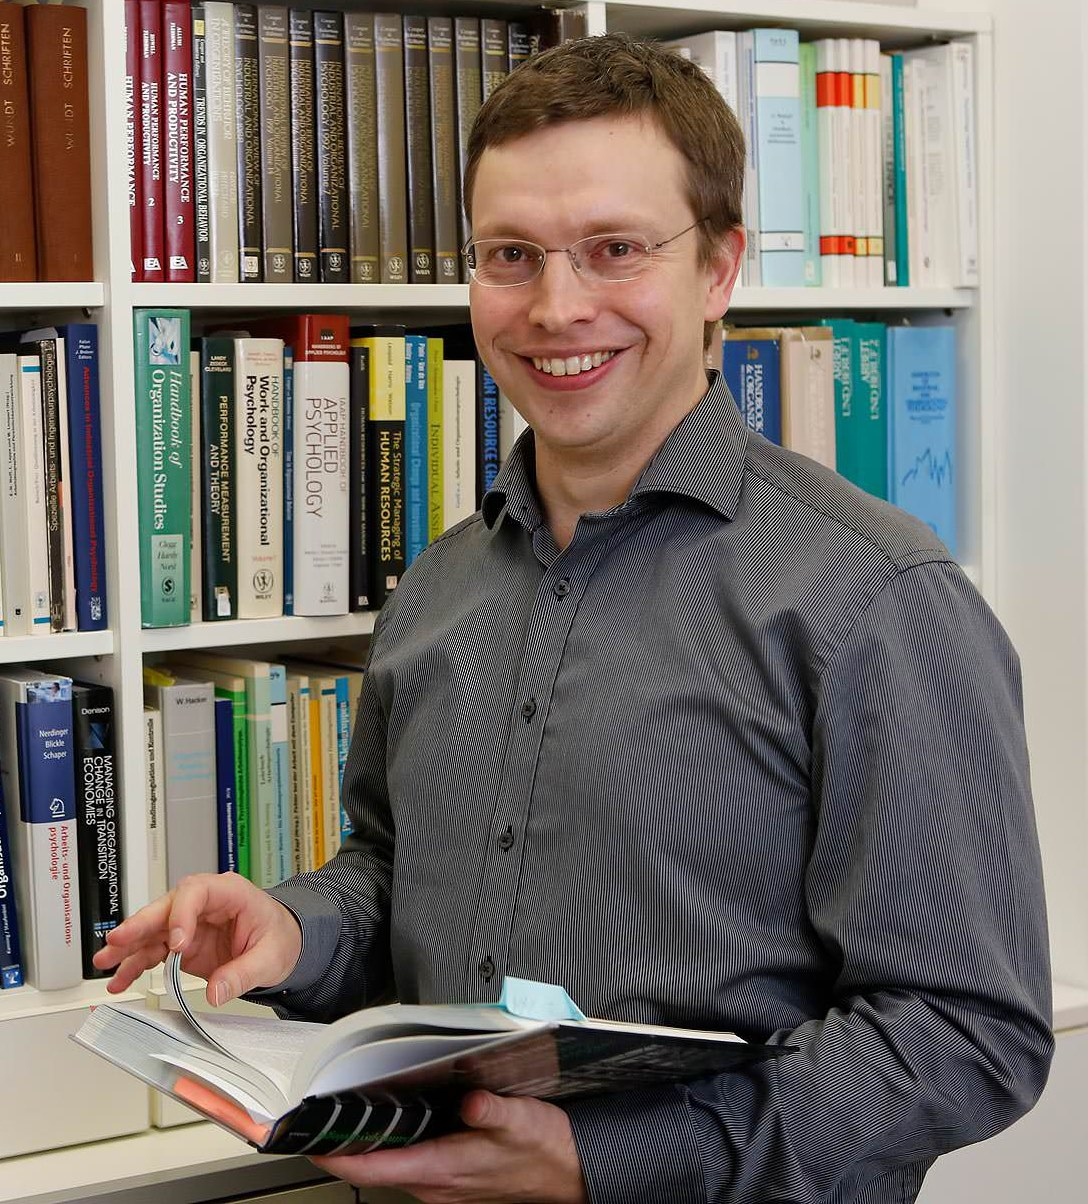 Hannes Zacher, 37, ist Professor für Arbeits- und Organisationspsychologie an der Universität Leipzig.